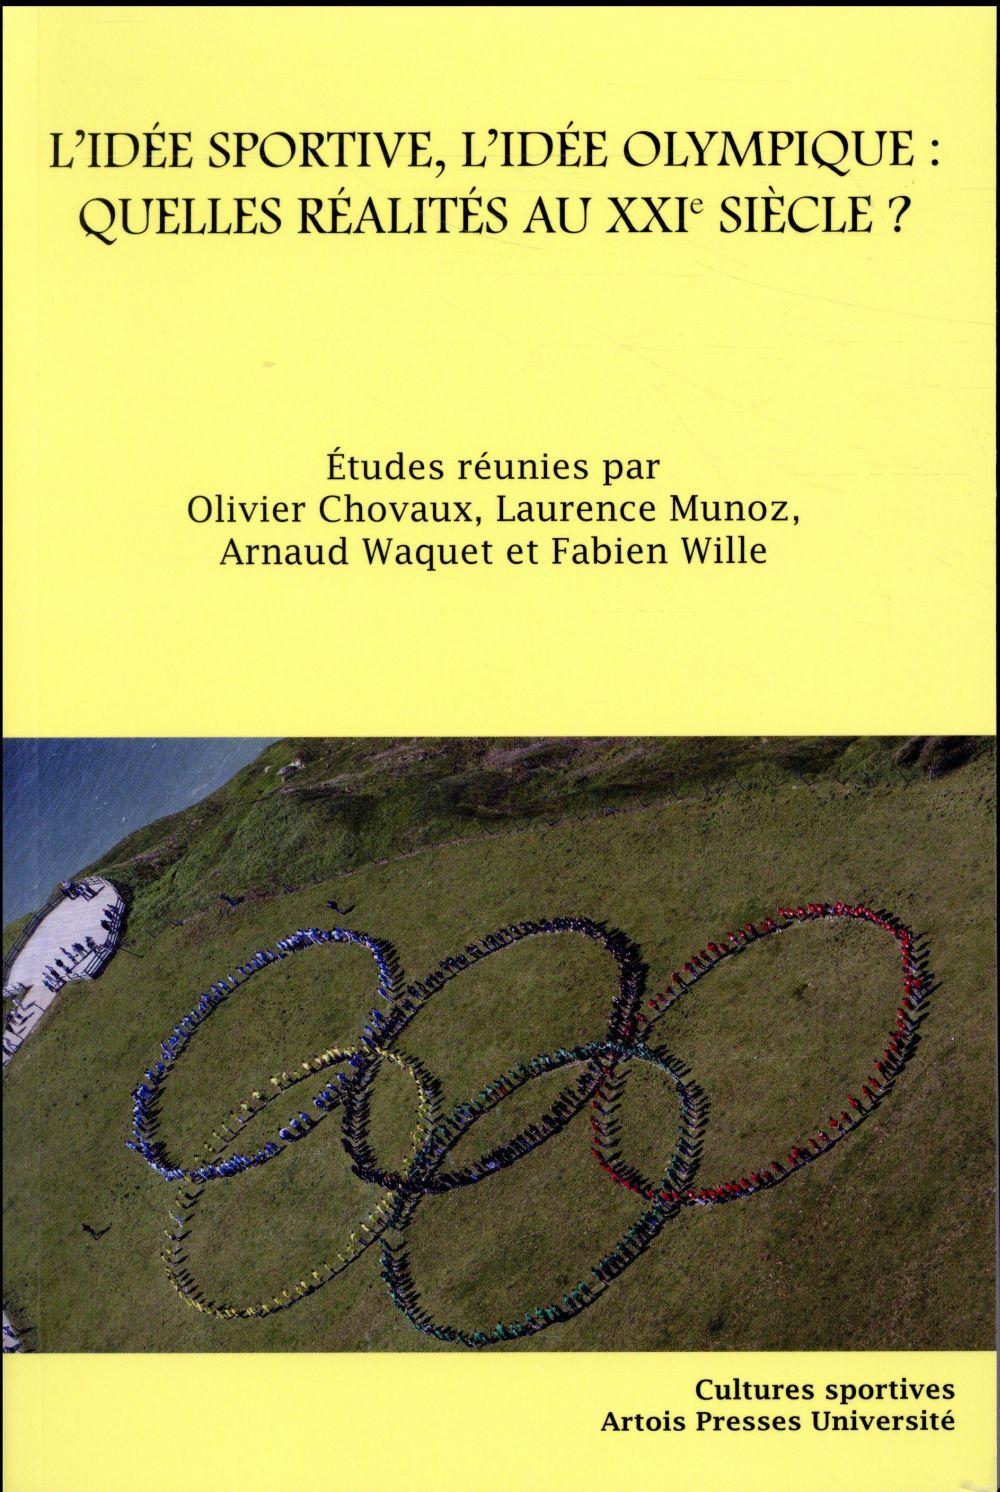 L'idée sportive, l'idée olympique : quelles réalités au XXIe siècle ?